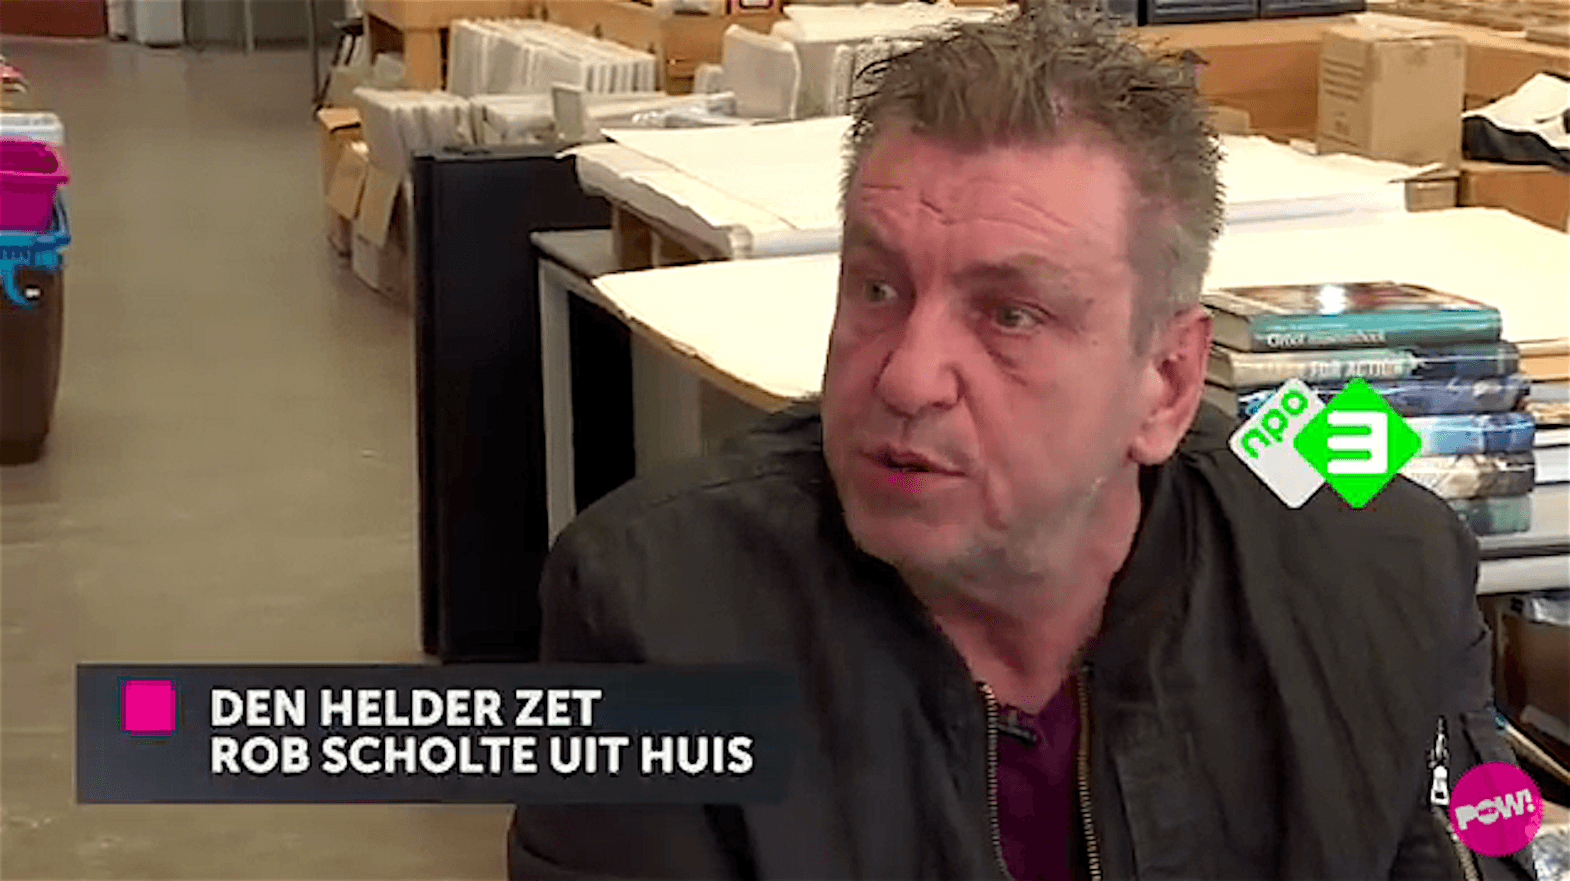 Den Helder zet Rob Scholte huis uit (foto YouTube)